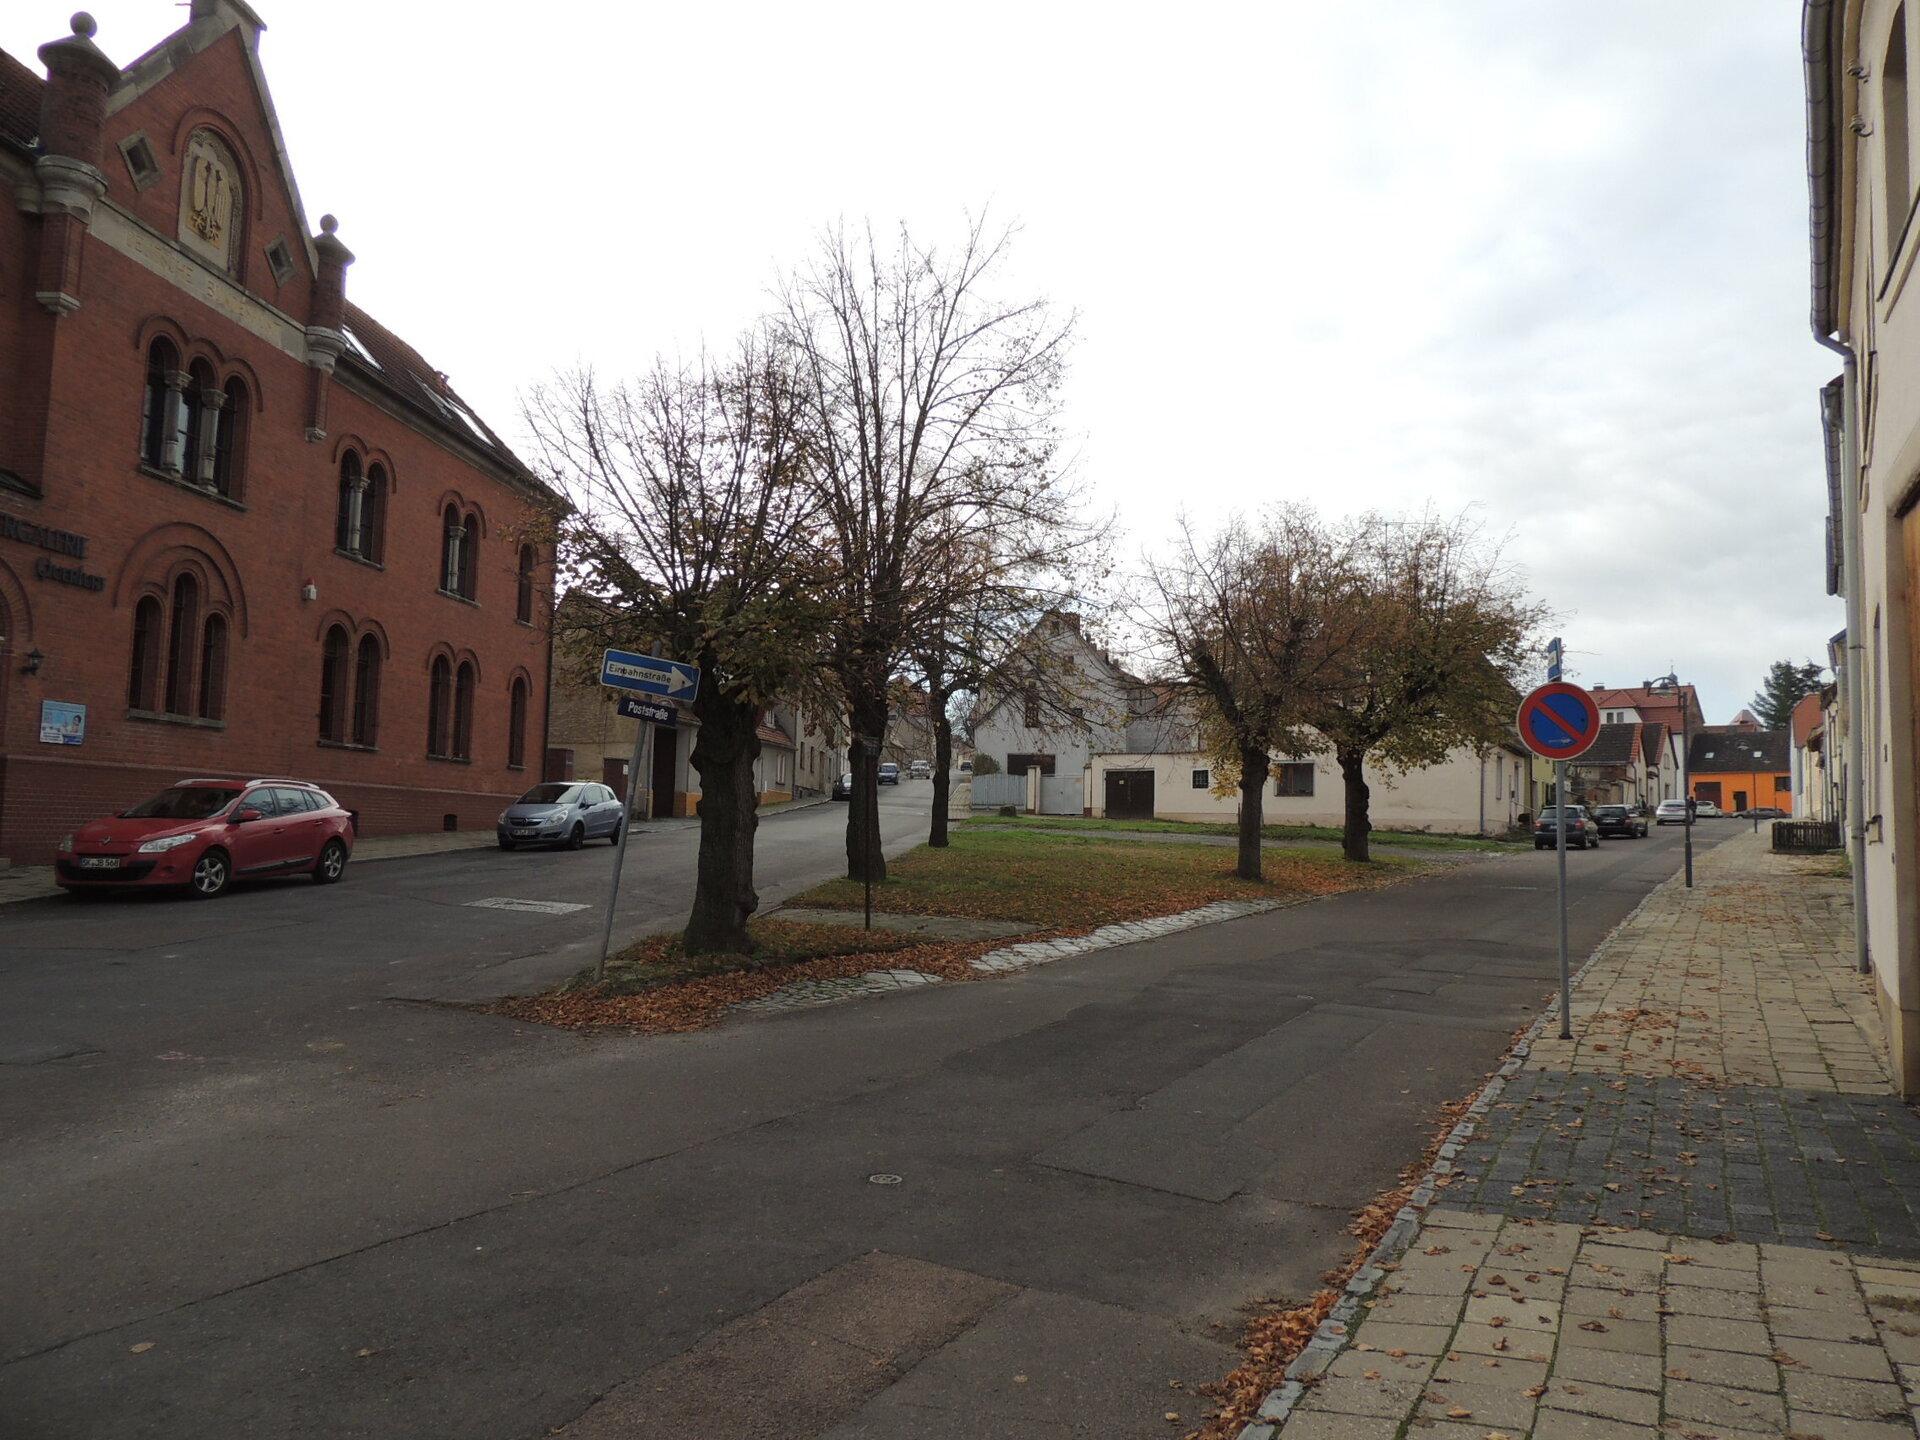 Freimarkt Ecke Poststraße Blickrichtung Südwest (Pfitze)